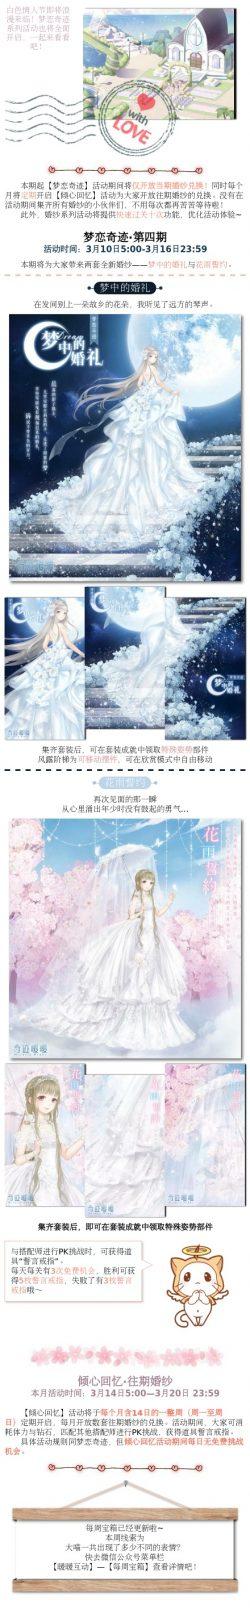 婚纱摄影微信活动卡通童话公众号图文模板